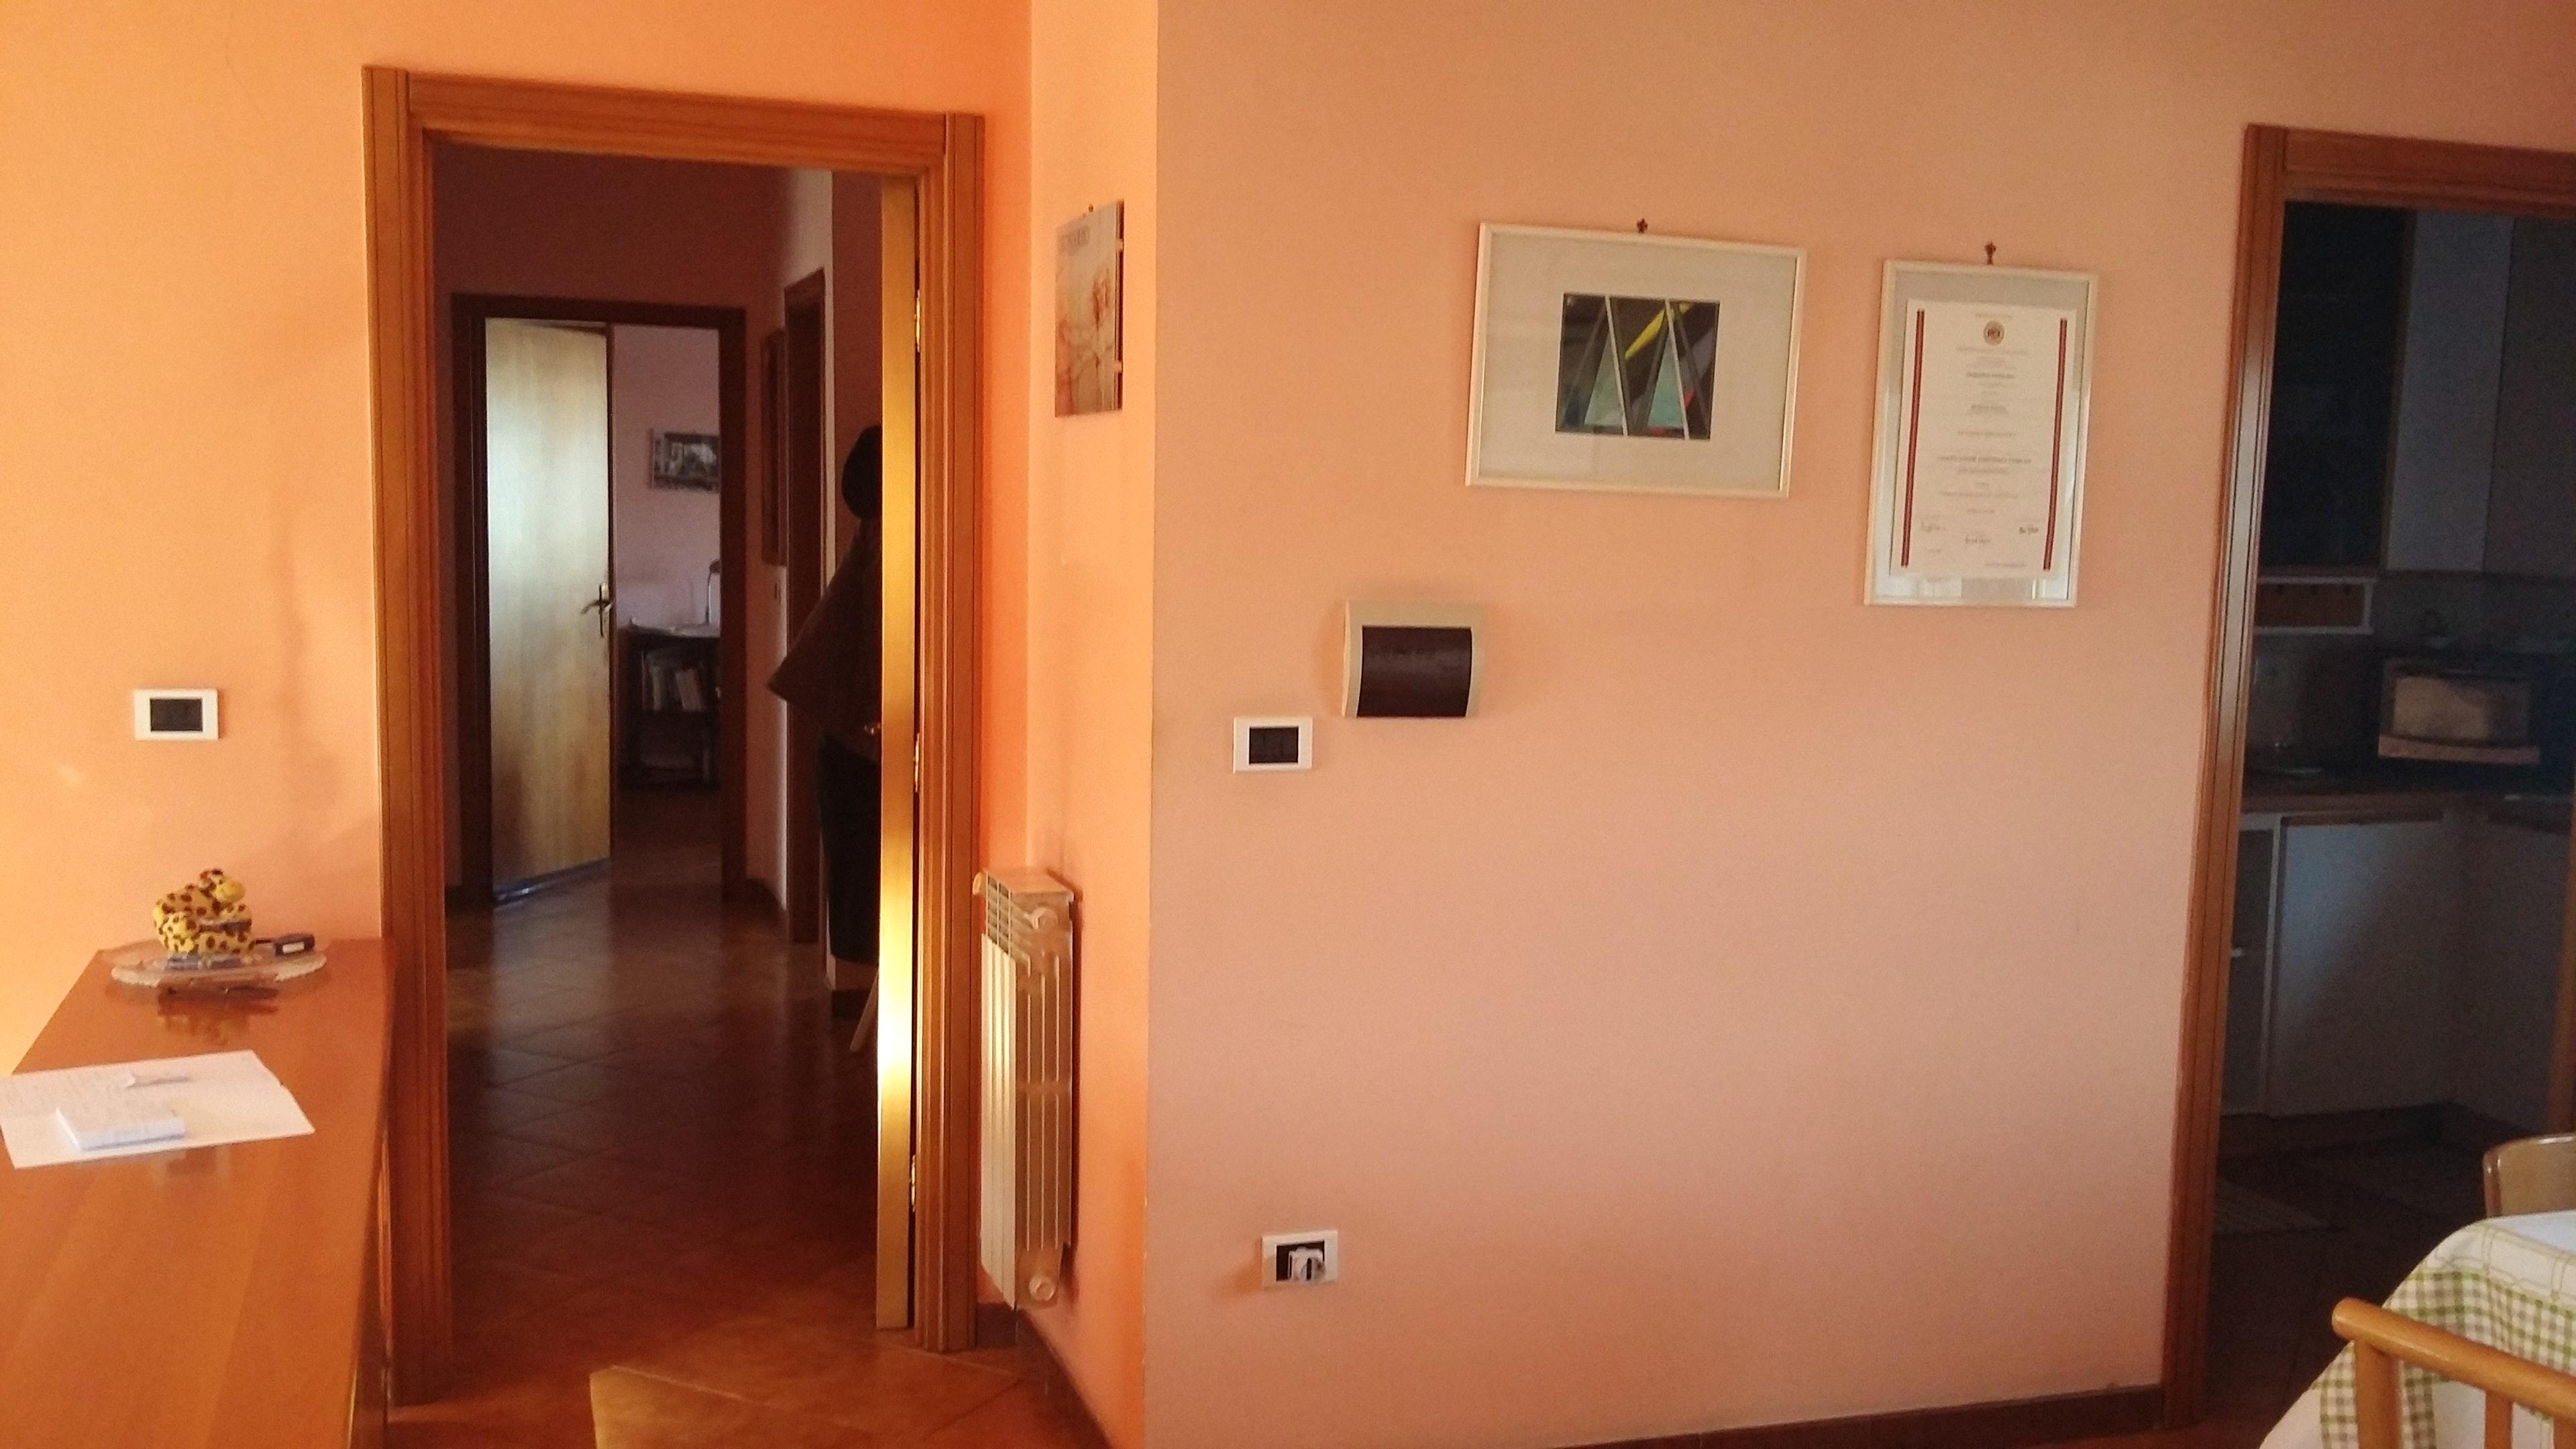 Ferienwohnung Wohnung mit 3 Schlafzimmern in Angri mit schöner Aussicht auf die Stadt und möbliertem Bal (2557376), Angri, Salerno, Kampanien, Italien, Bild 25